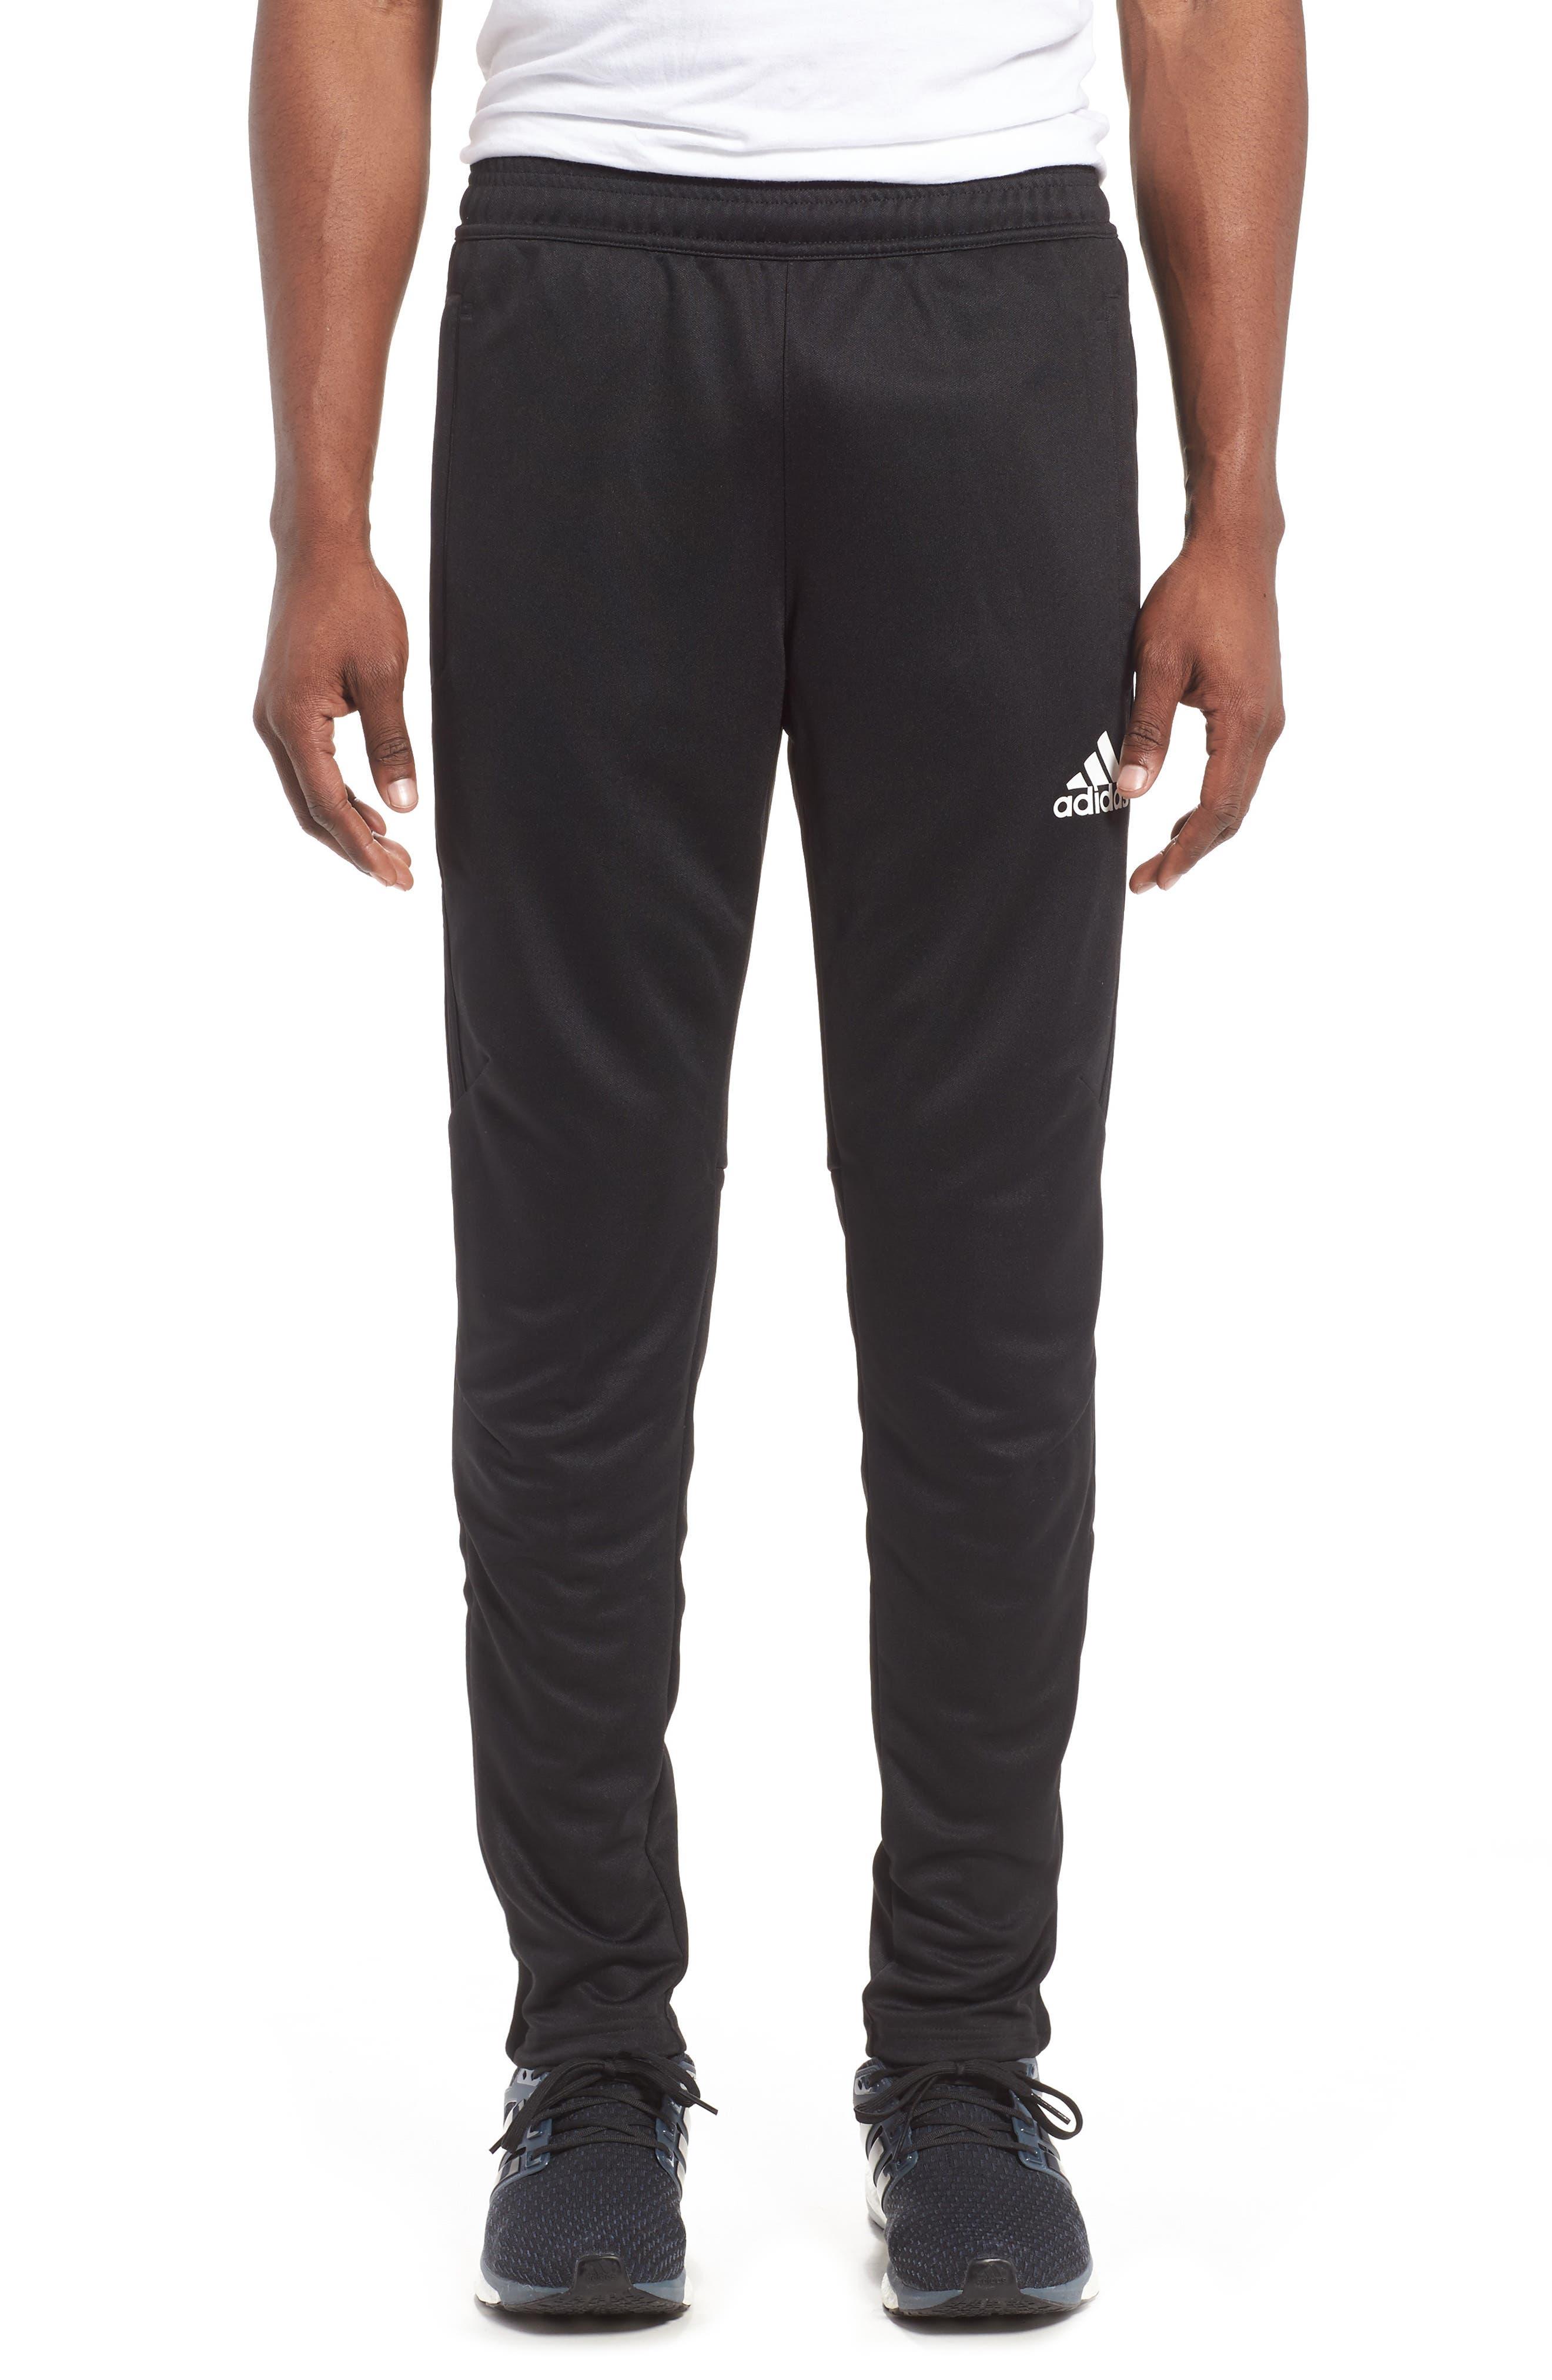 Tiro 17 Training Pants,                             Main thumbnail 1, color,                             Black/ White